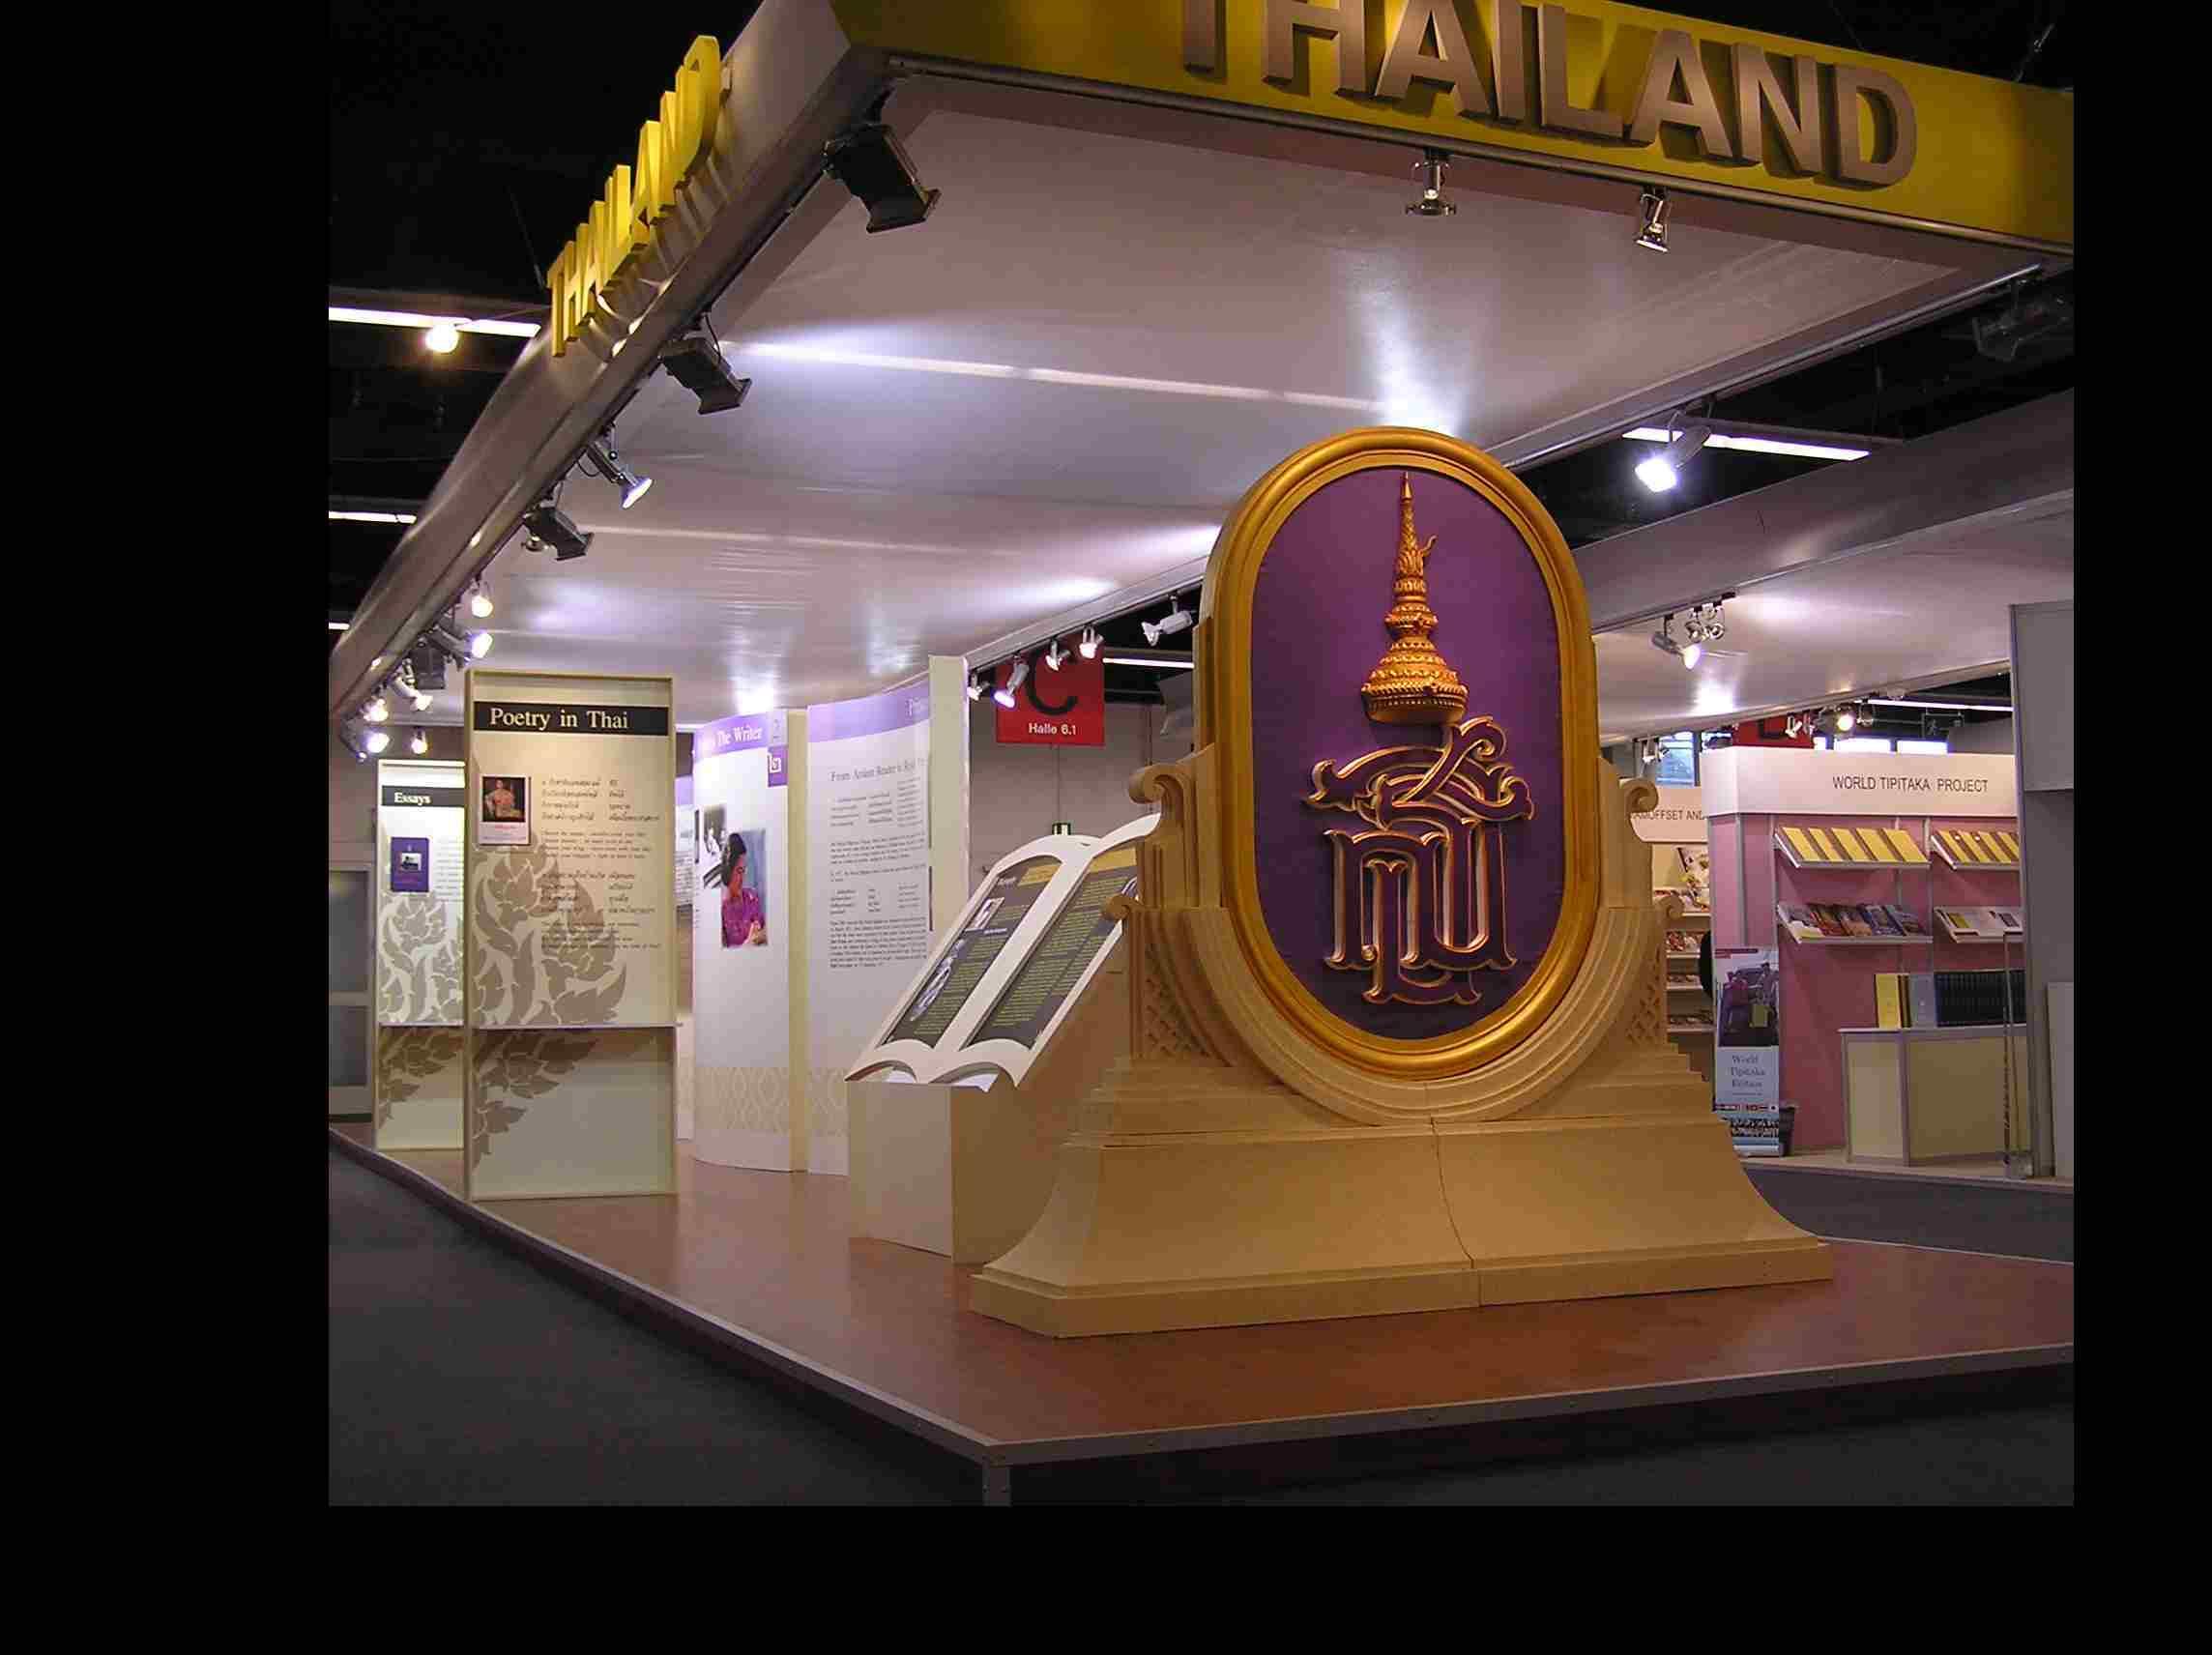 Obr. 6: Exoticky a přitažlivě působily přirozeně právě expozice neevropských zemí, třeba ta thajská.